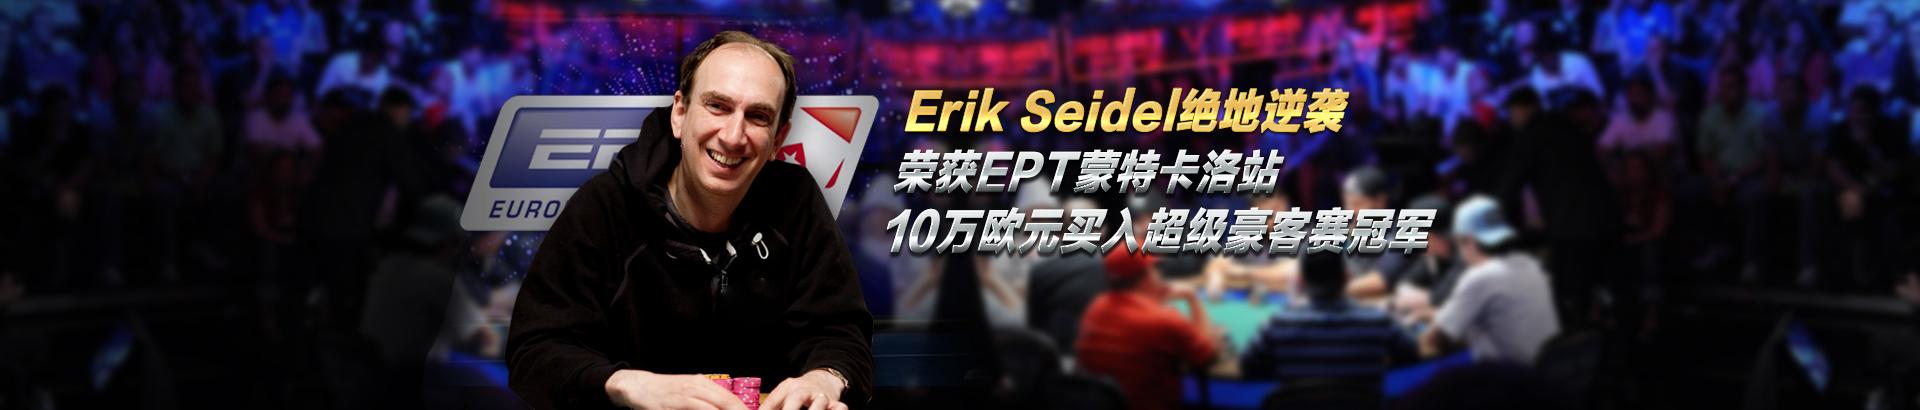 Erik Seidel绝地逆袭荣获EPT蒙特卡洛站10万欧元买入超级豪客赛冠军